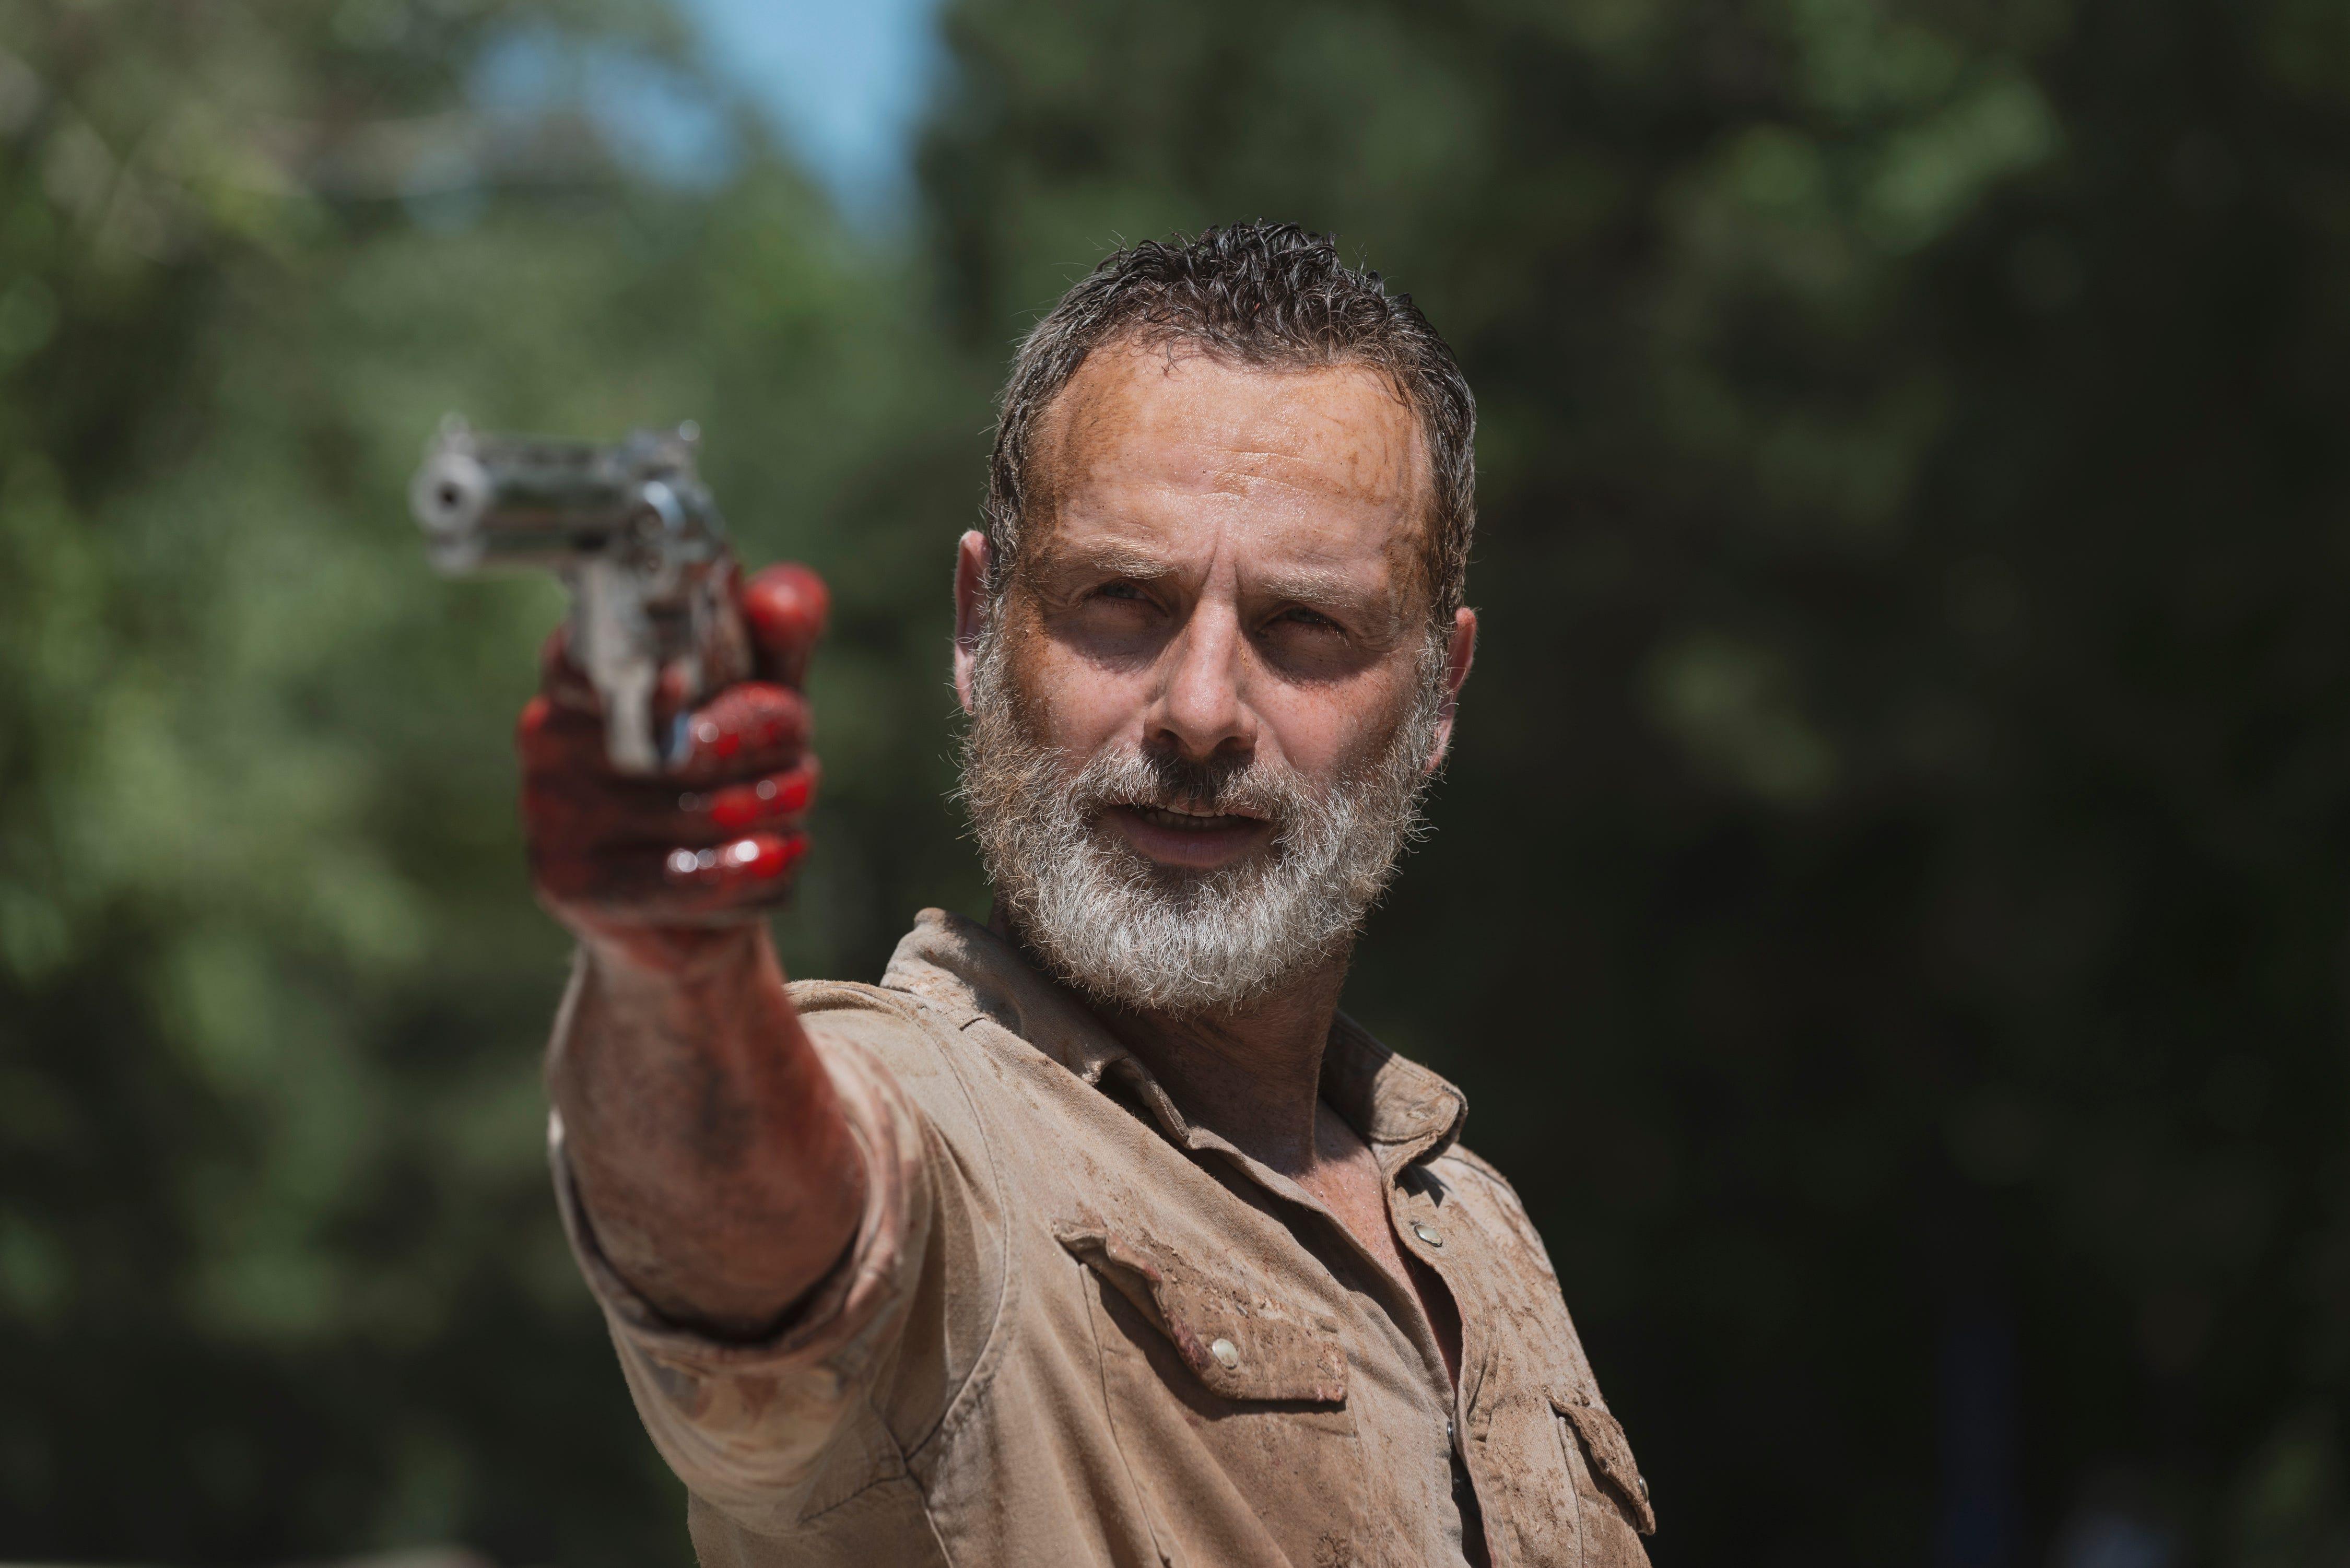 Rick on The Walking Dead: